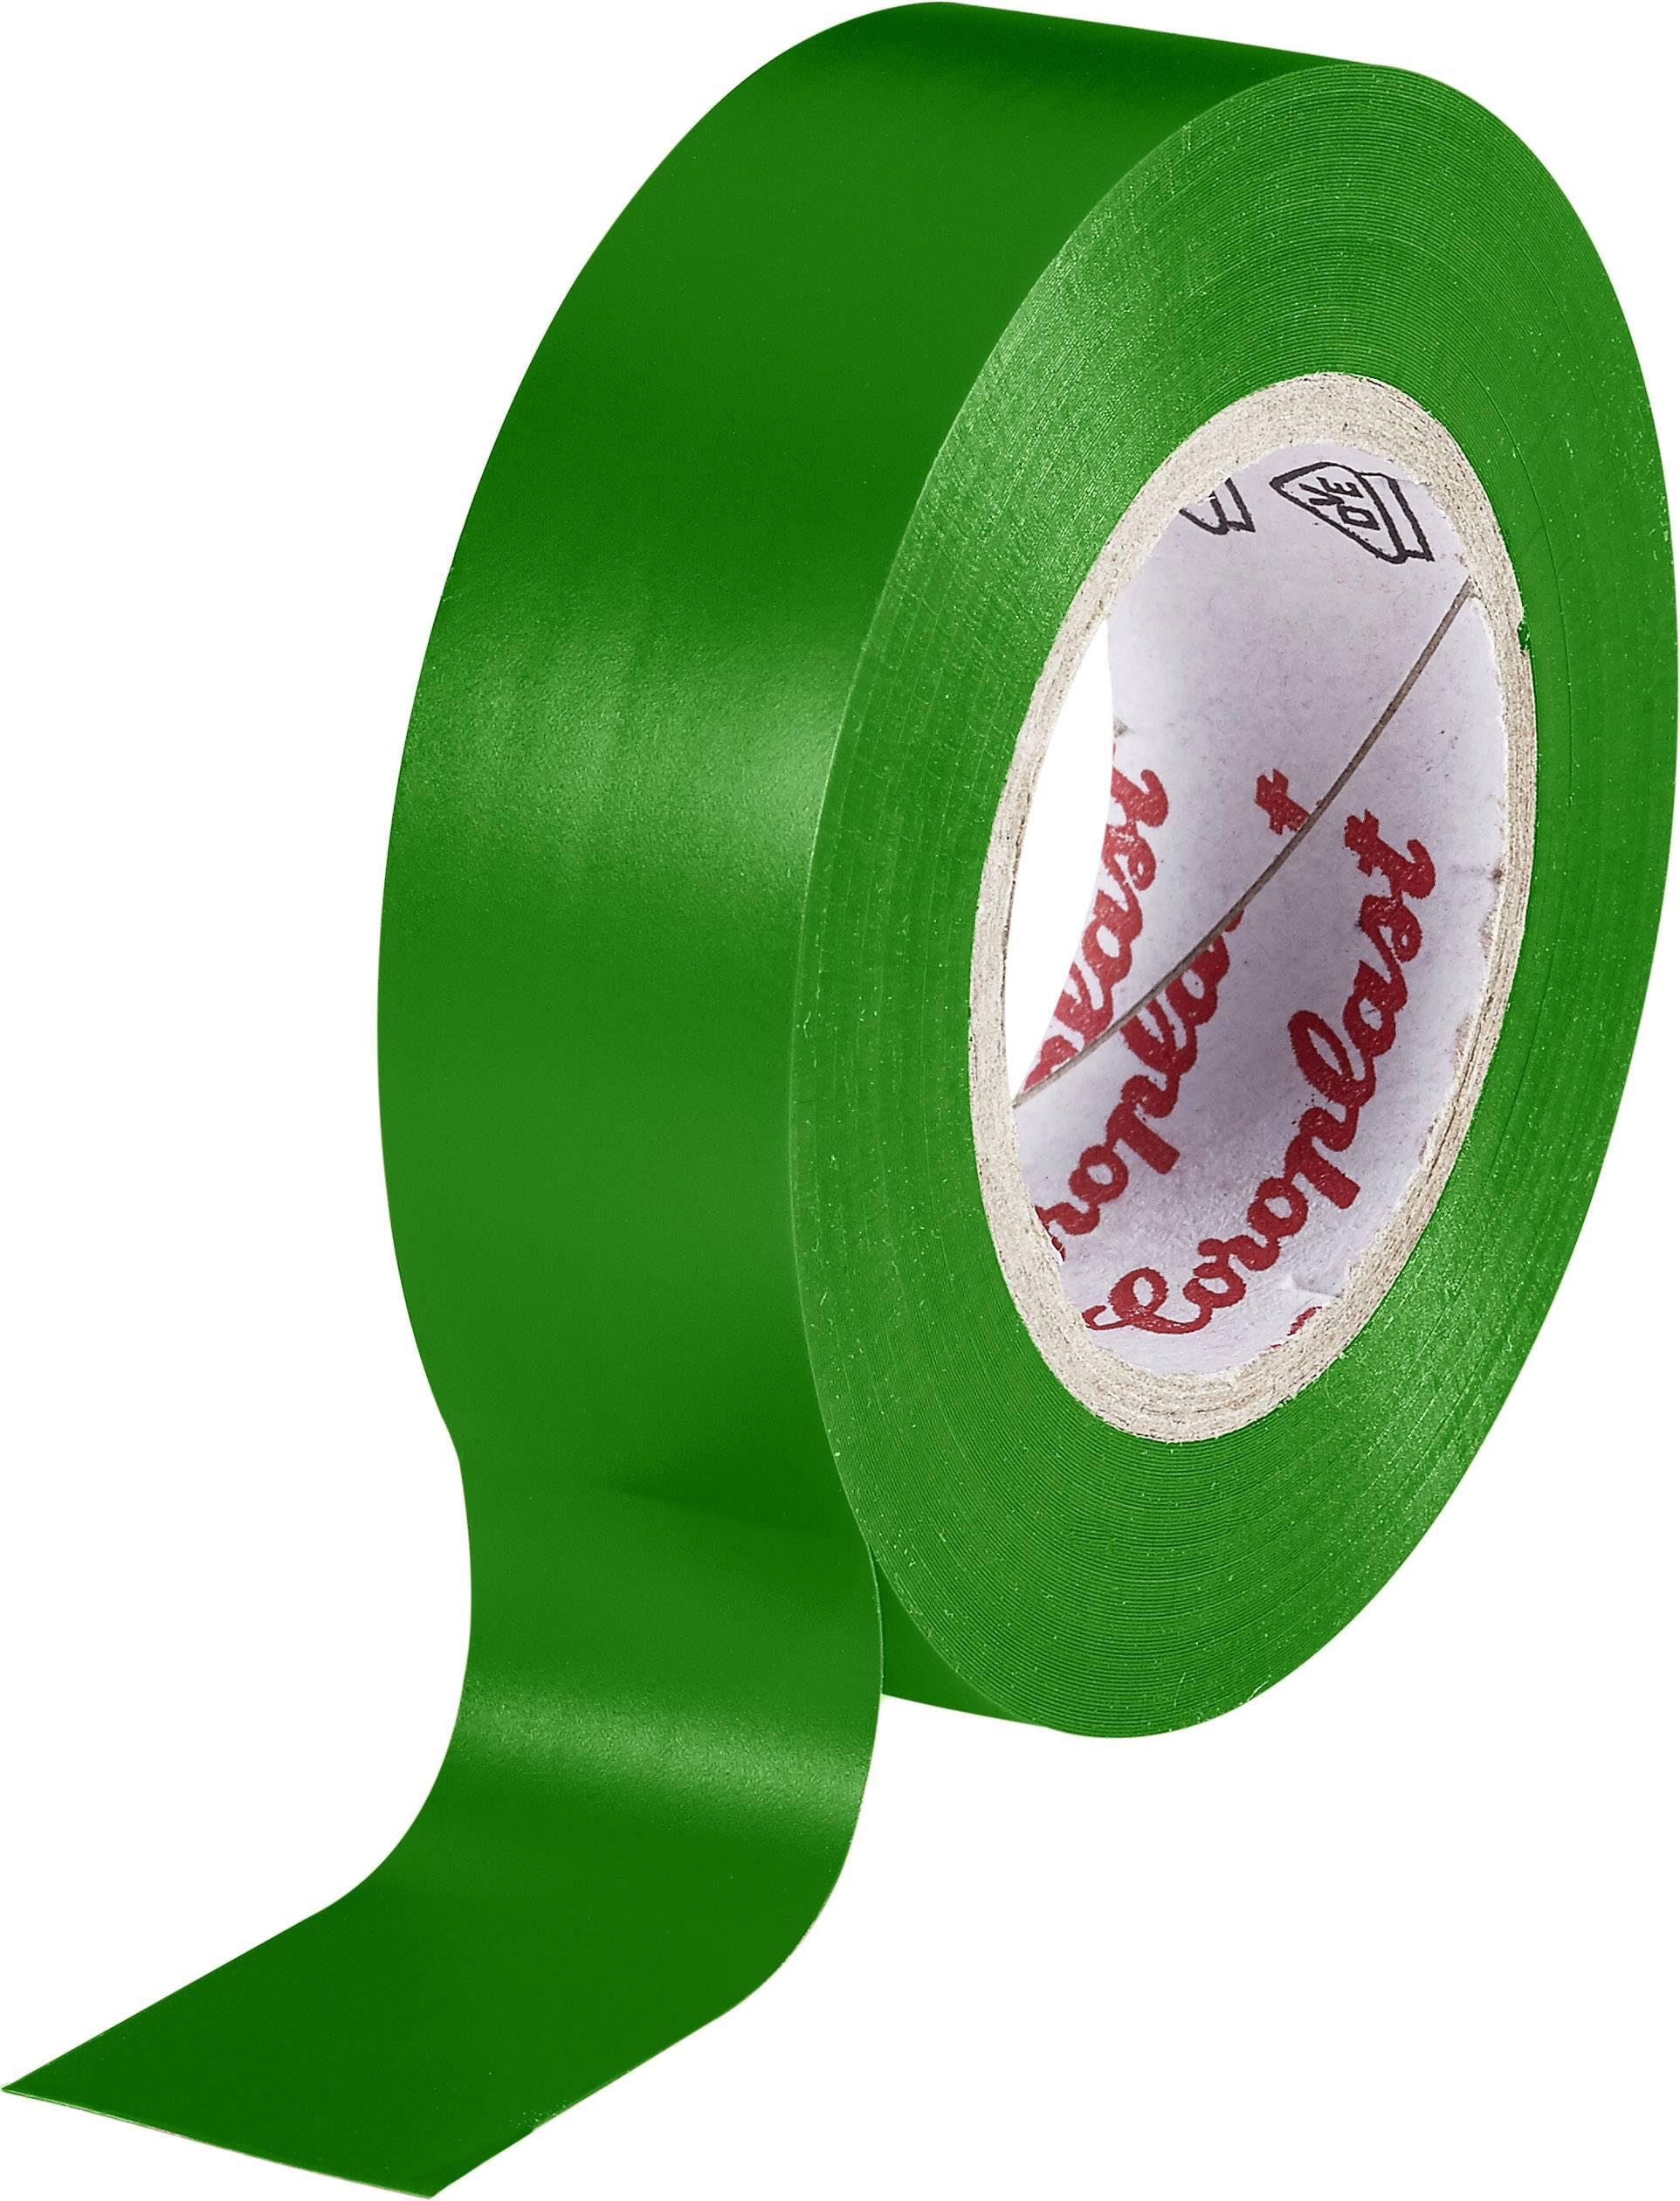 Izolační páska Coroplast, 302, 15 mm x 10 m, zelená